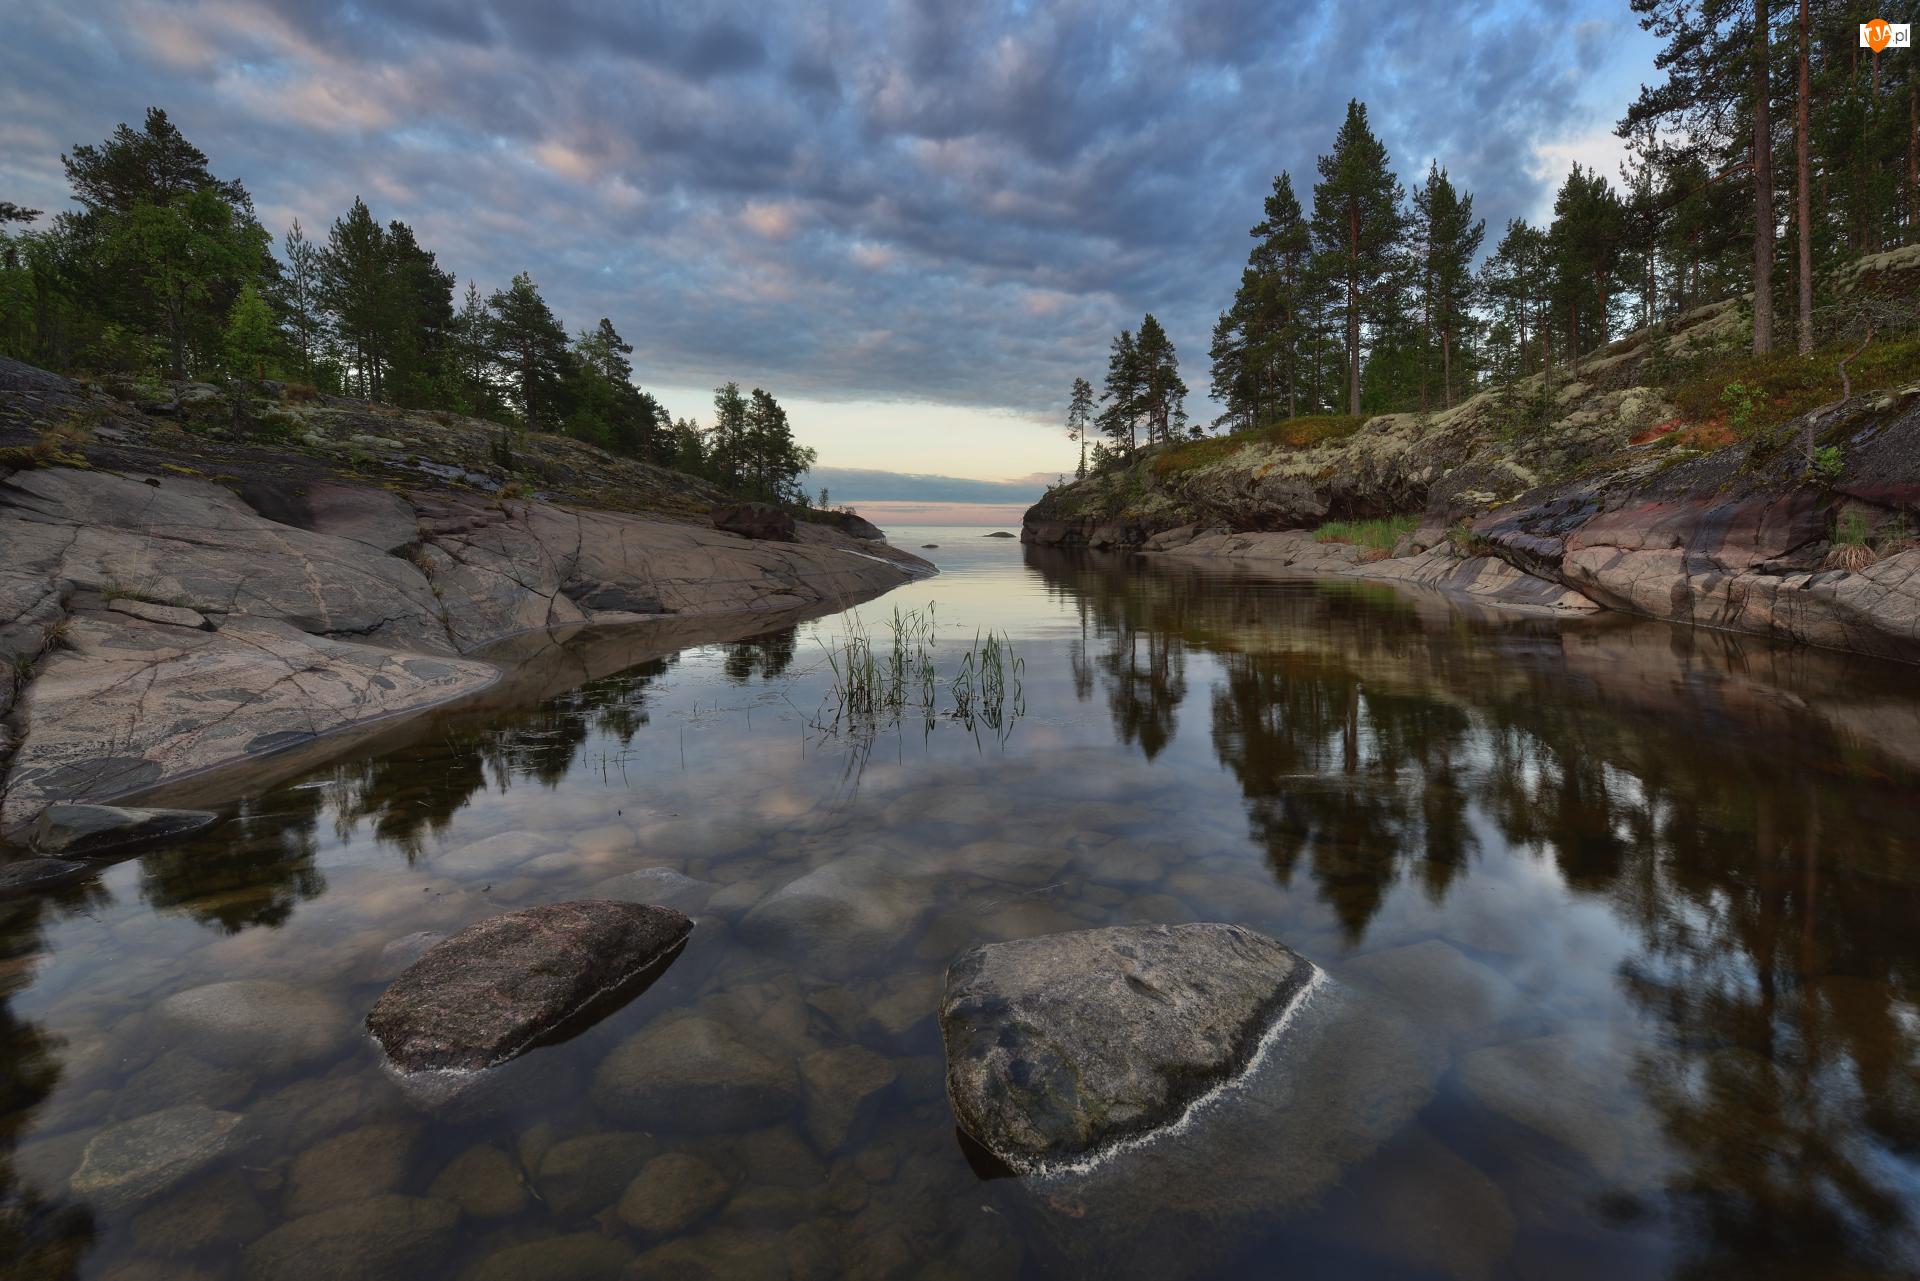 Skały, Drzewa, Rosja, Jezioro Ładoga, Karelia, Chmury, Kamienie